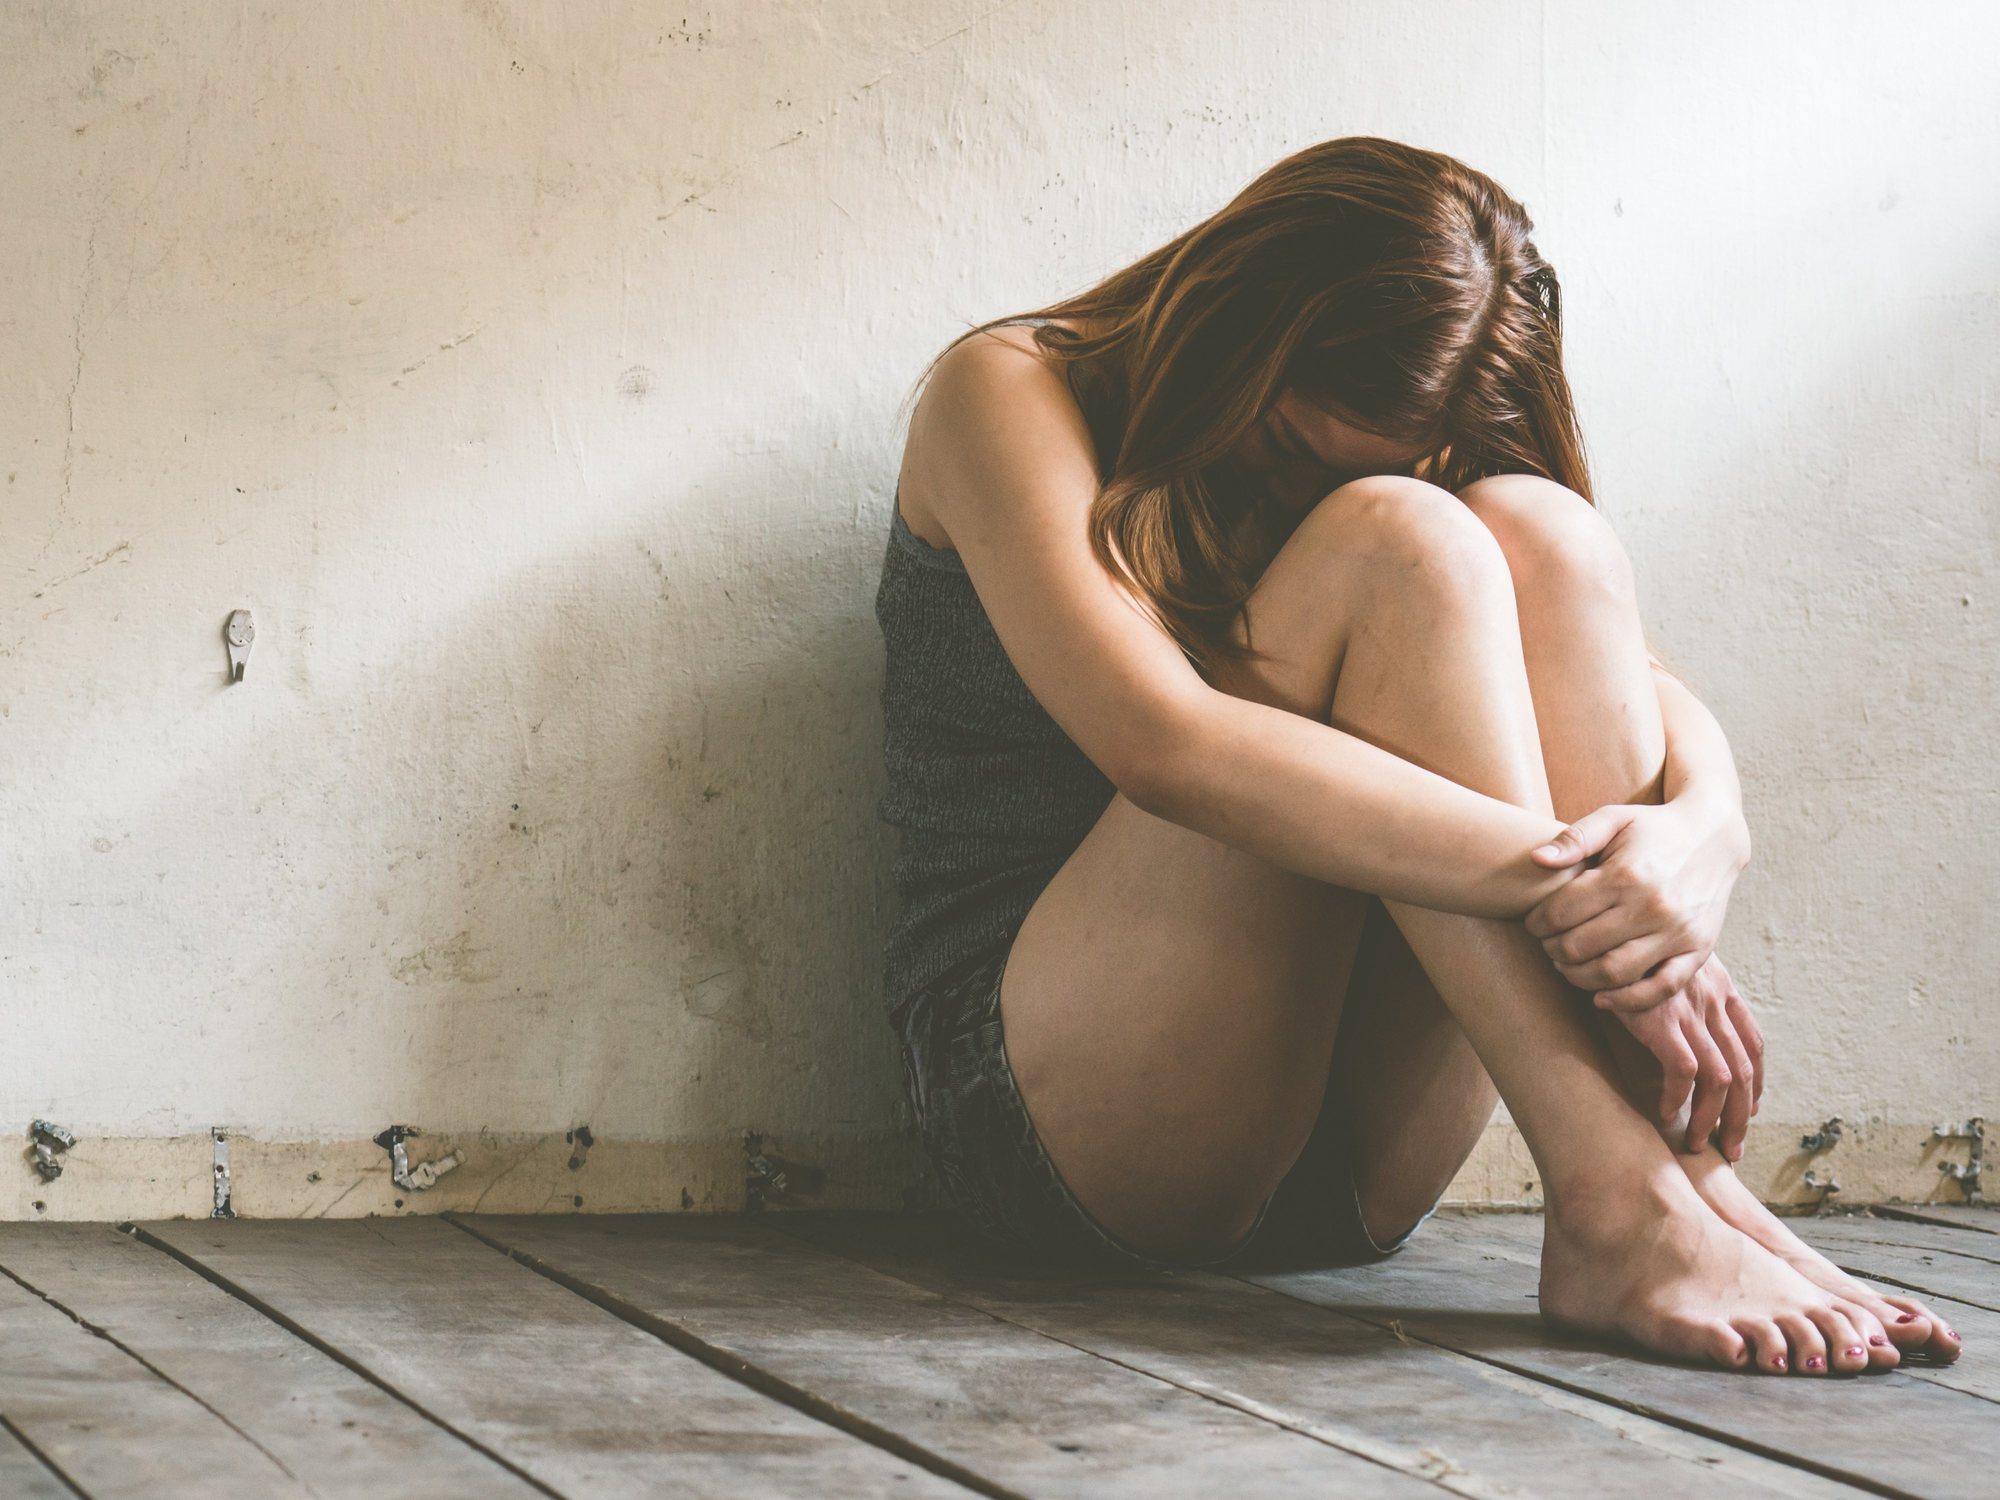 """Absuelto tras acosar a una menor de edad en Oviedo porque """"carecía de inocencia sexual"""""""